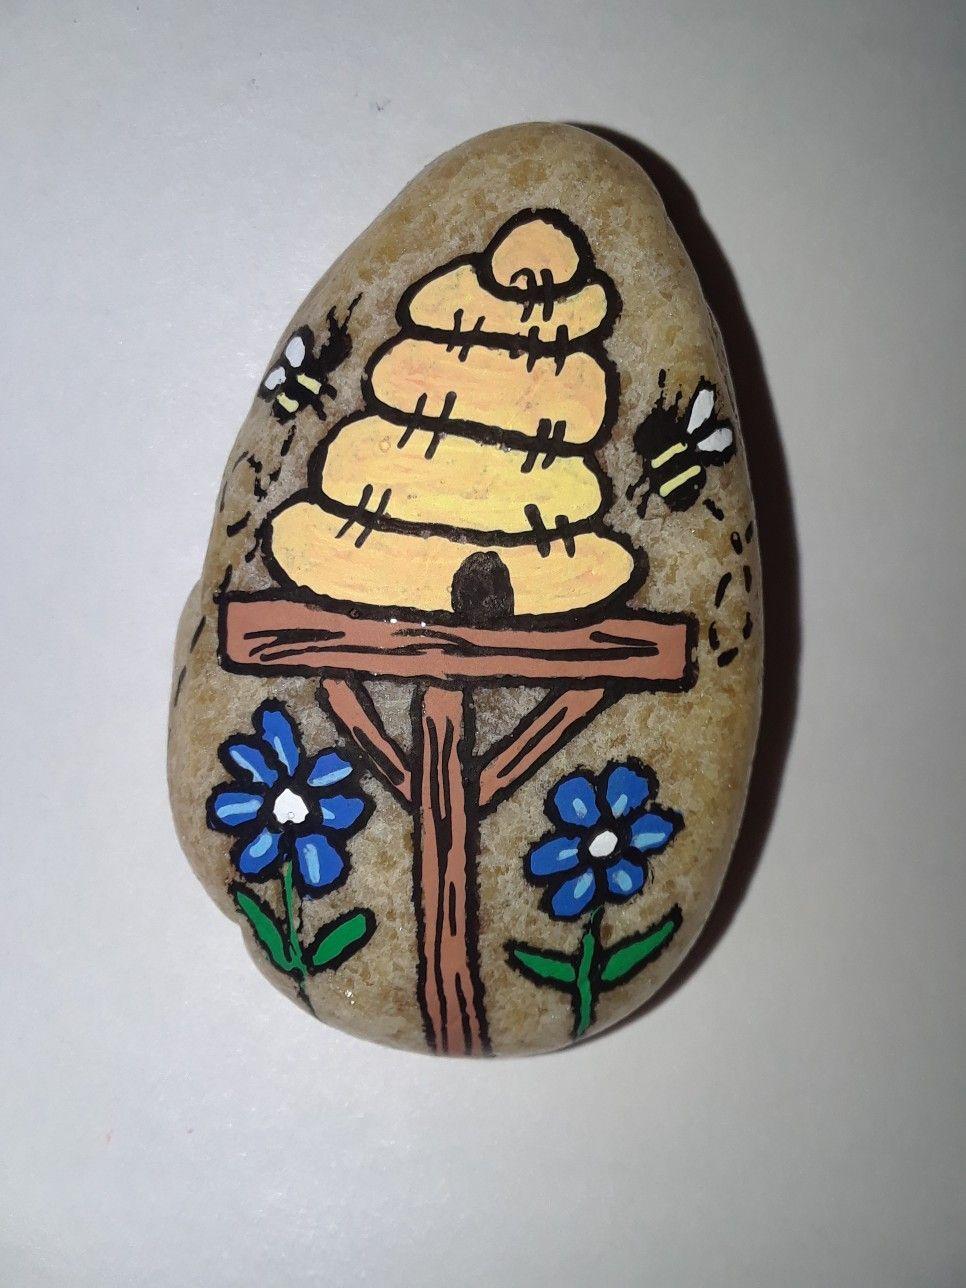 Steine Bemalen Kindern Vorlagen Steinebemalenvorlagen Steine Bemalen Kindern Vorlagen Steinebem In 2020 Steine Bemalen Steinmalerei Steine Bemalen Vorlagen Kostenlos